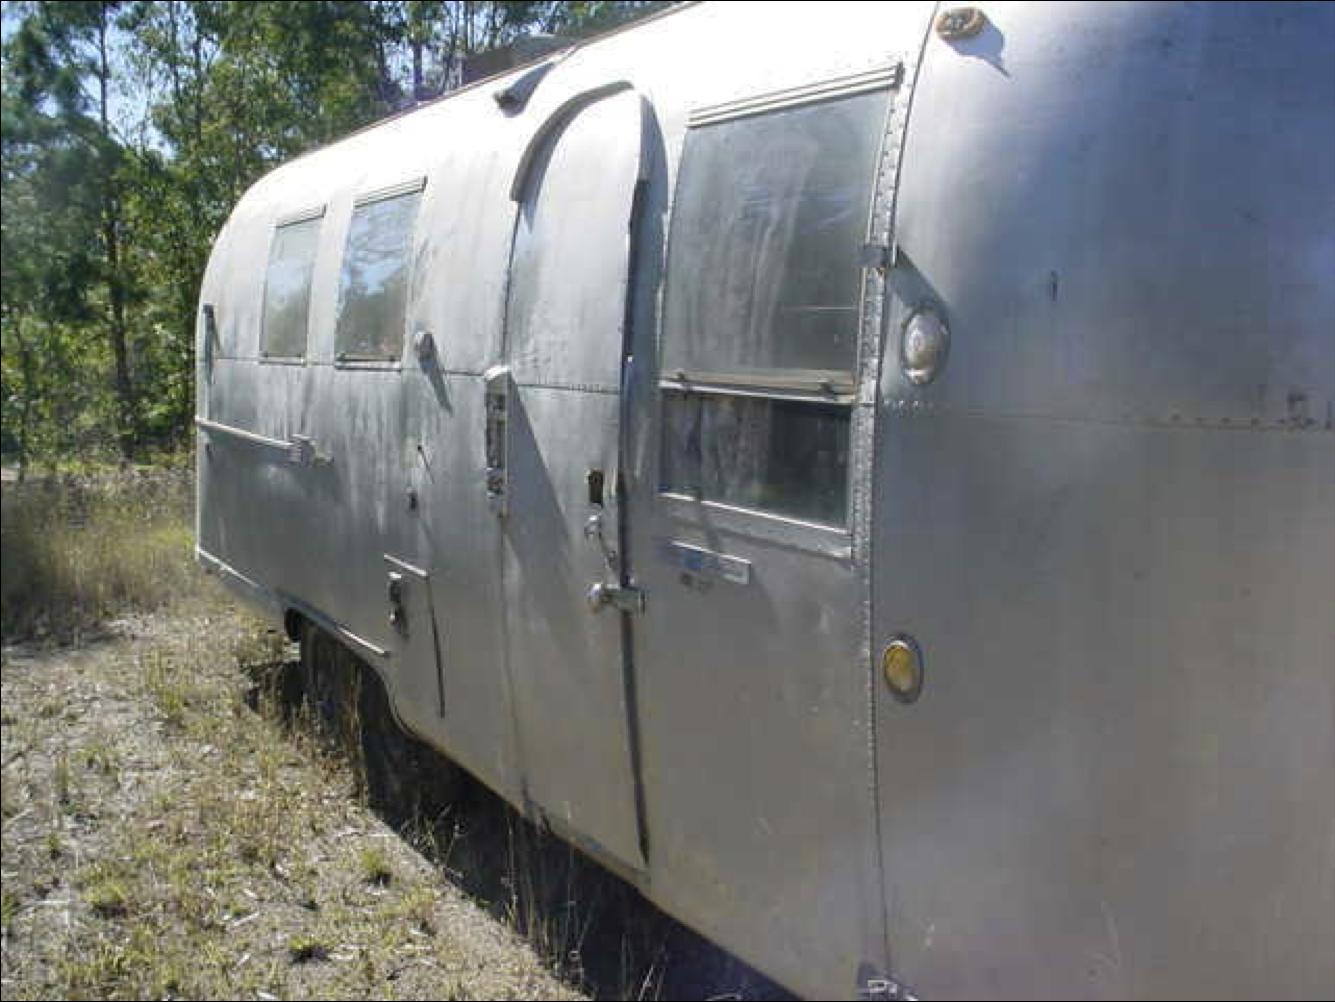 Lastest Caravans Caravans For Sale Vintage Caravans Vintage Campers Vintage